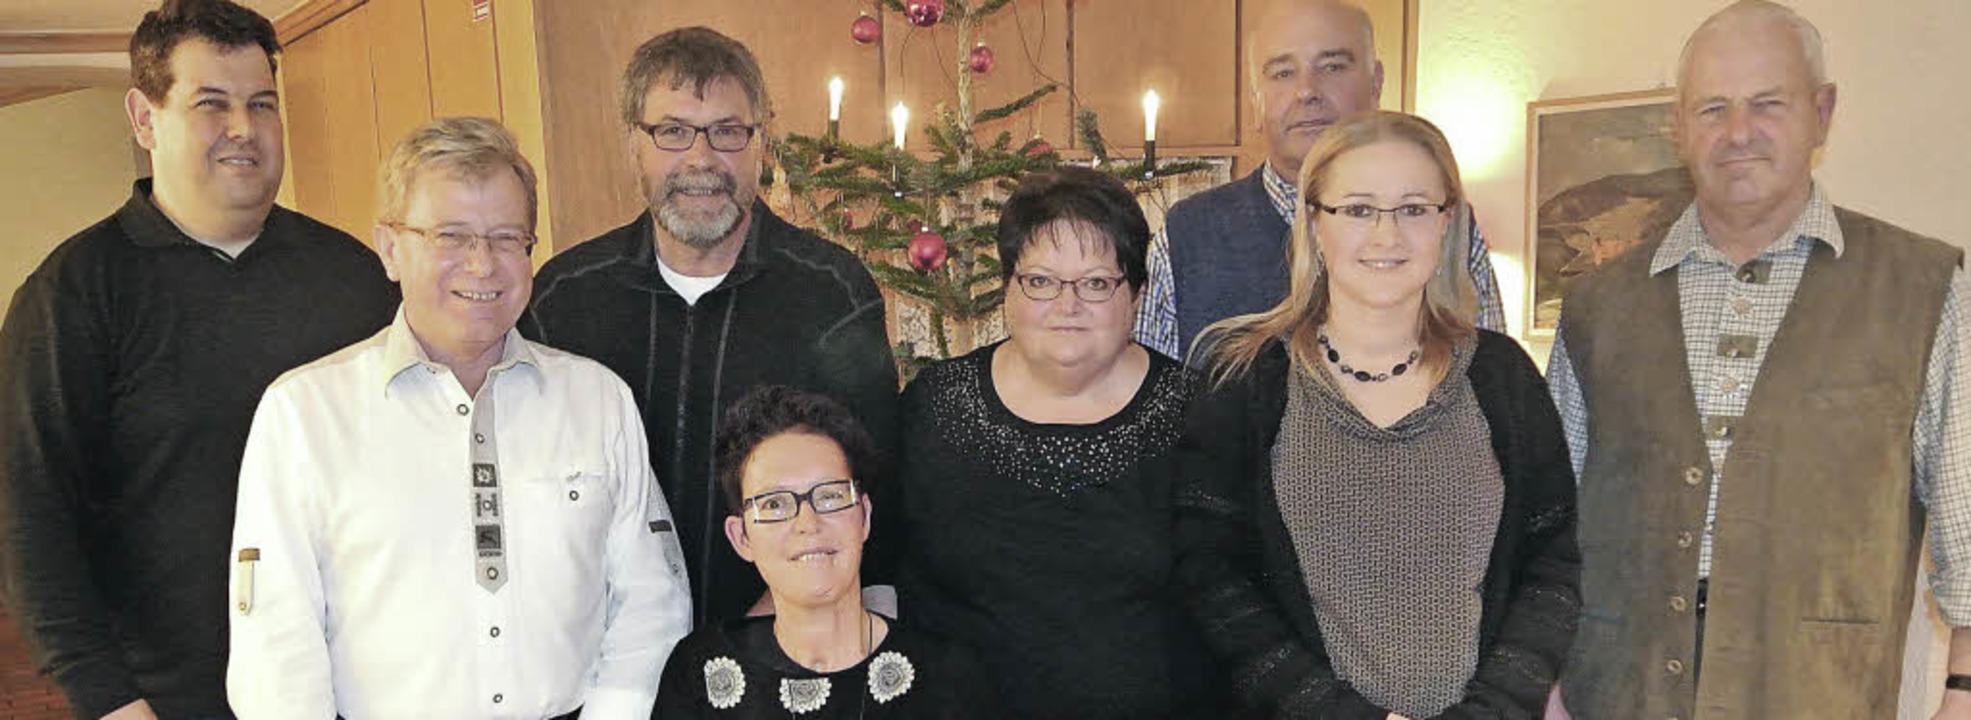 Der GVV-Vorsitzende Peter Schelshorn (...chiedet wurde (alle Namen von links).     Foto: maier